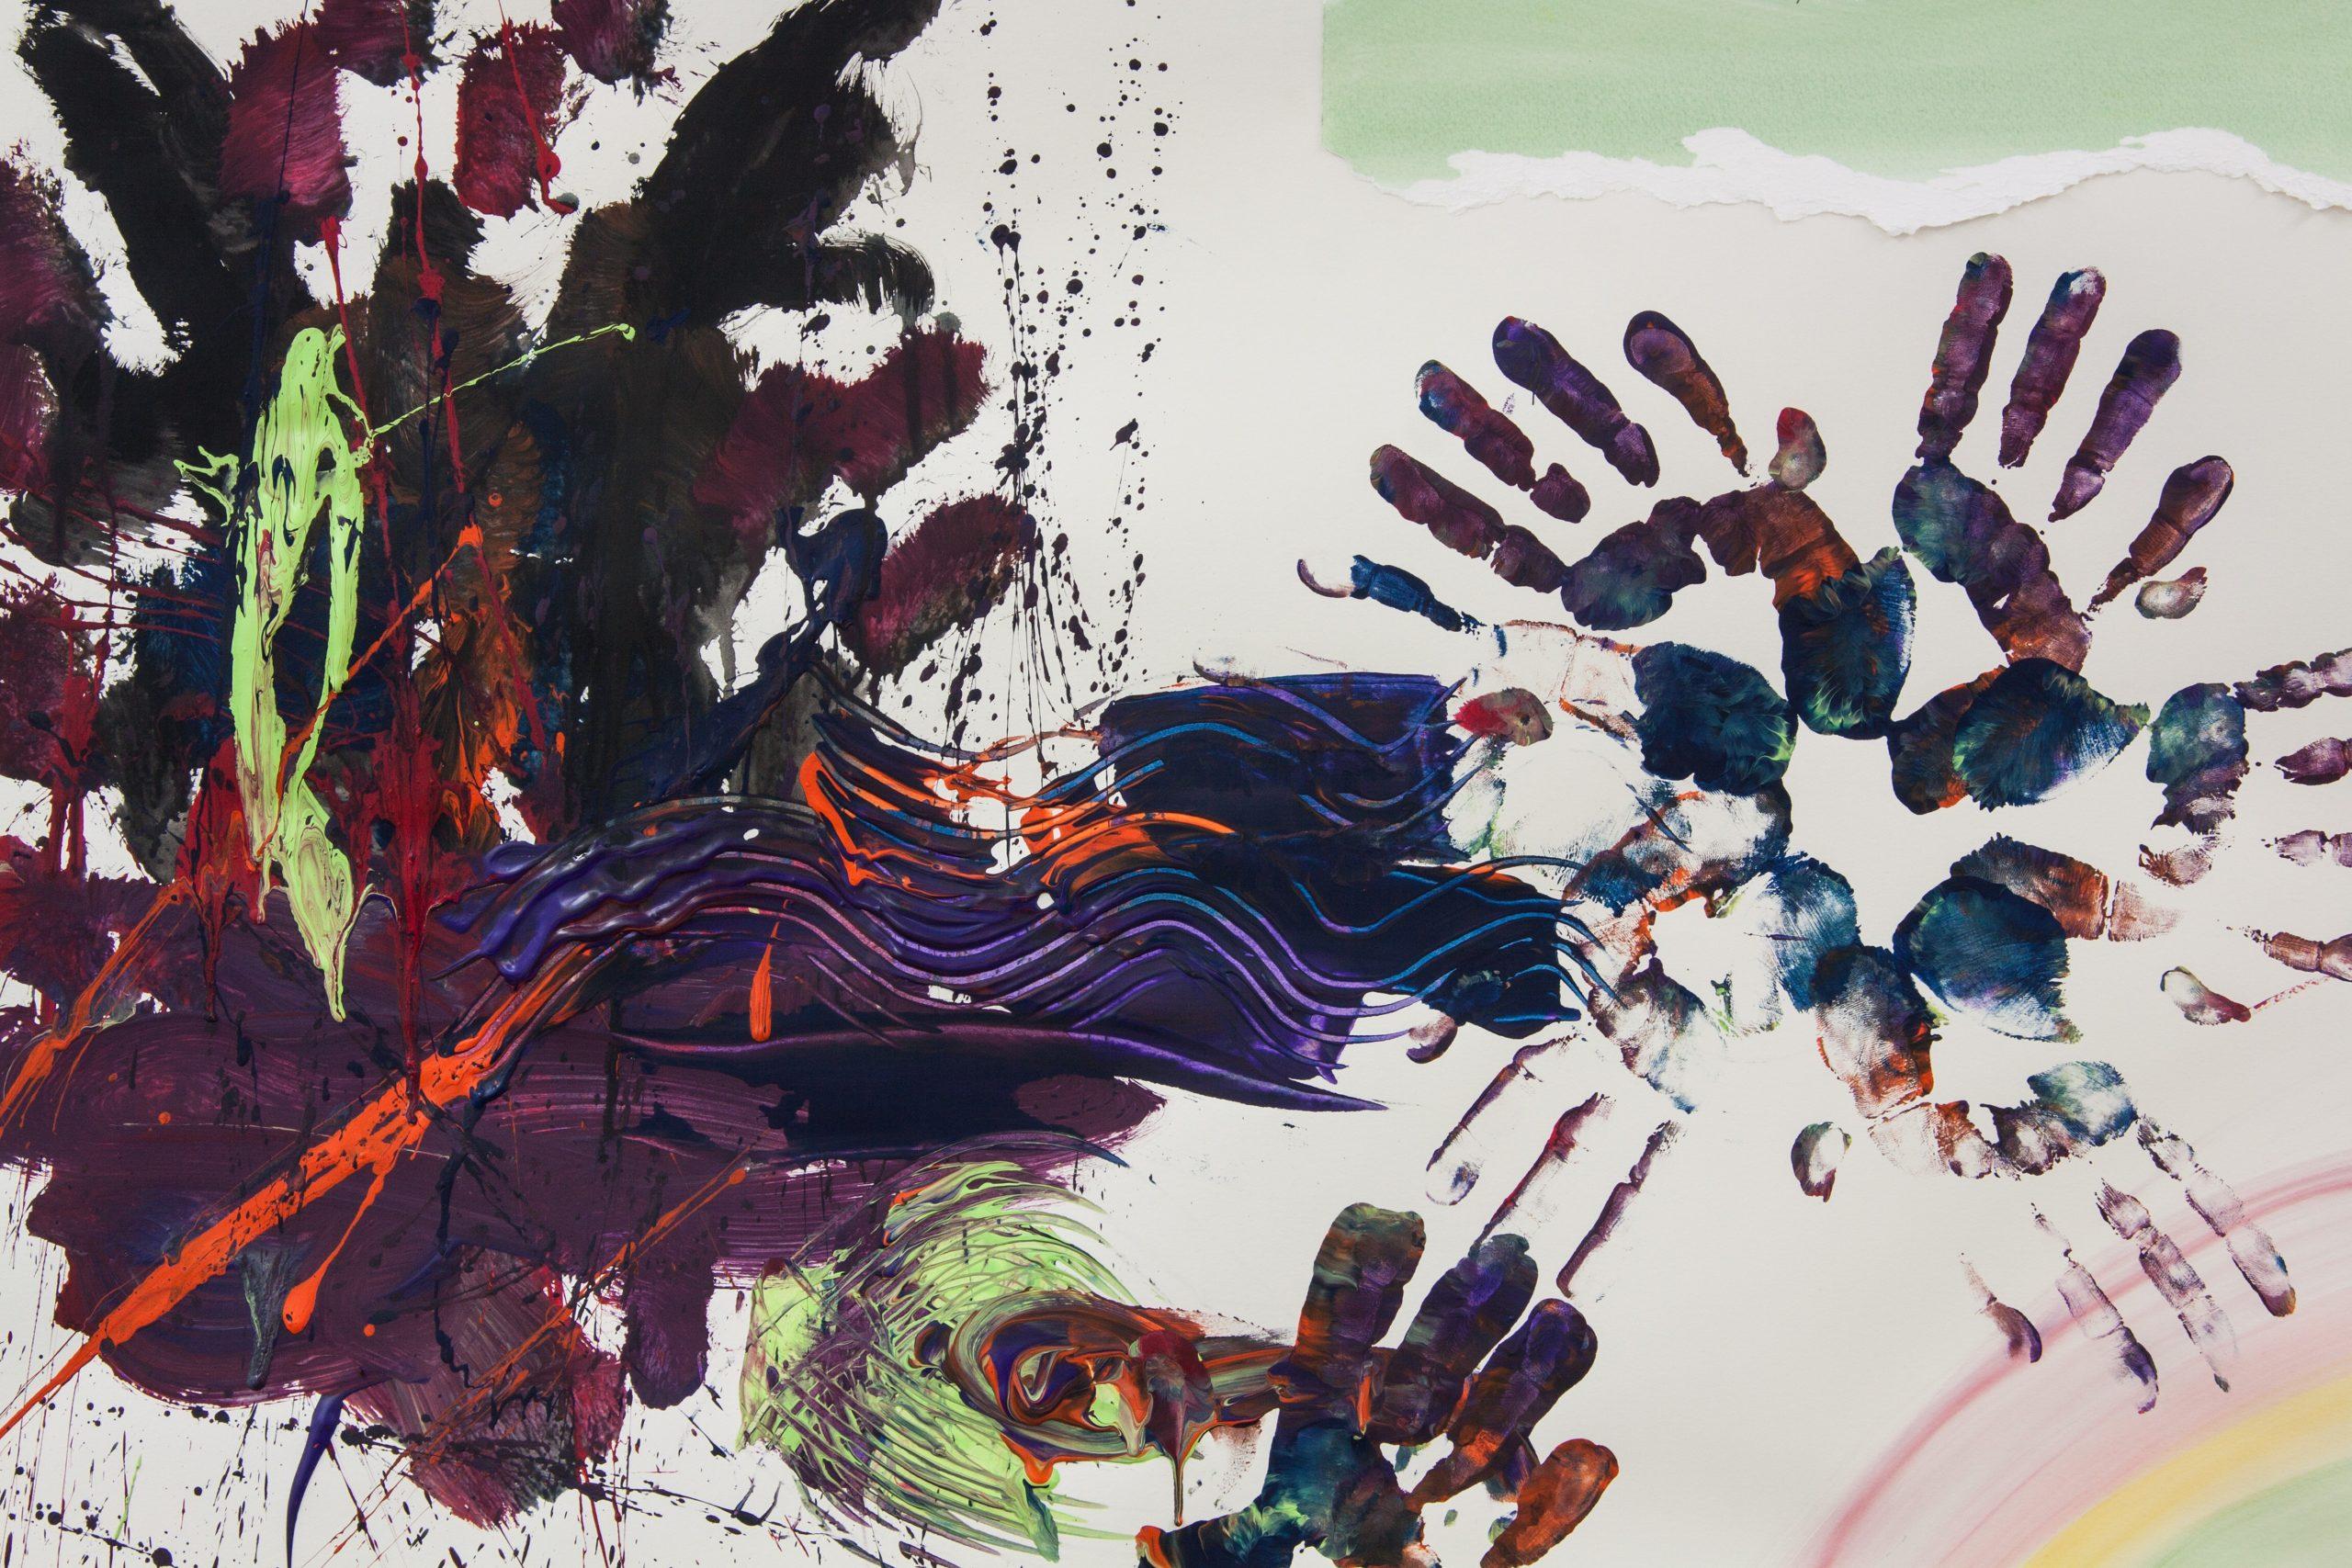 Tableau de peinture à doigts, de couleurs violette, bleue, orange et verte.